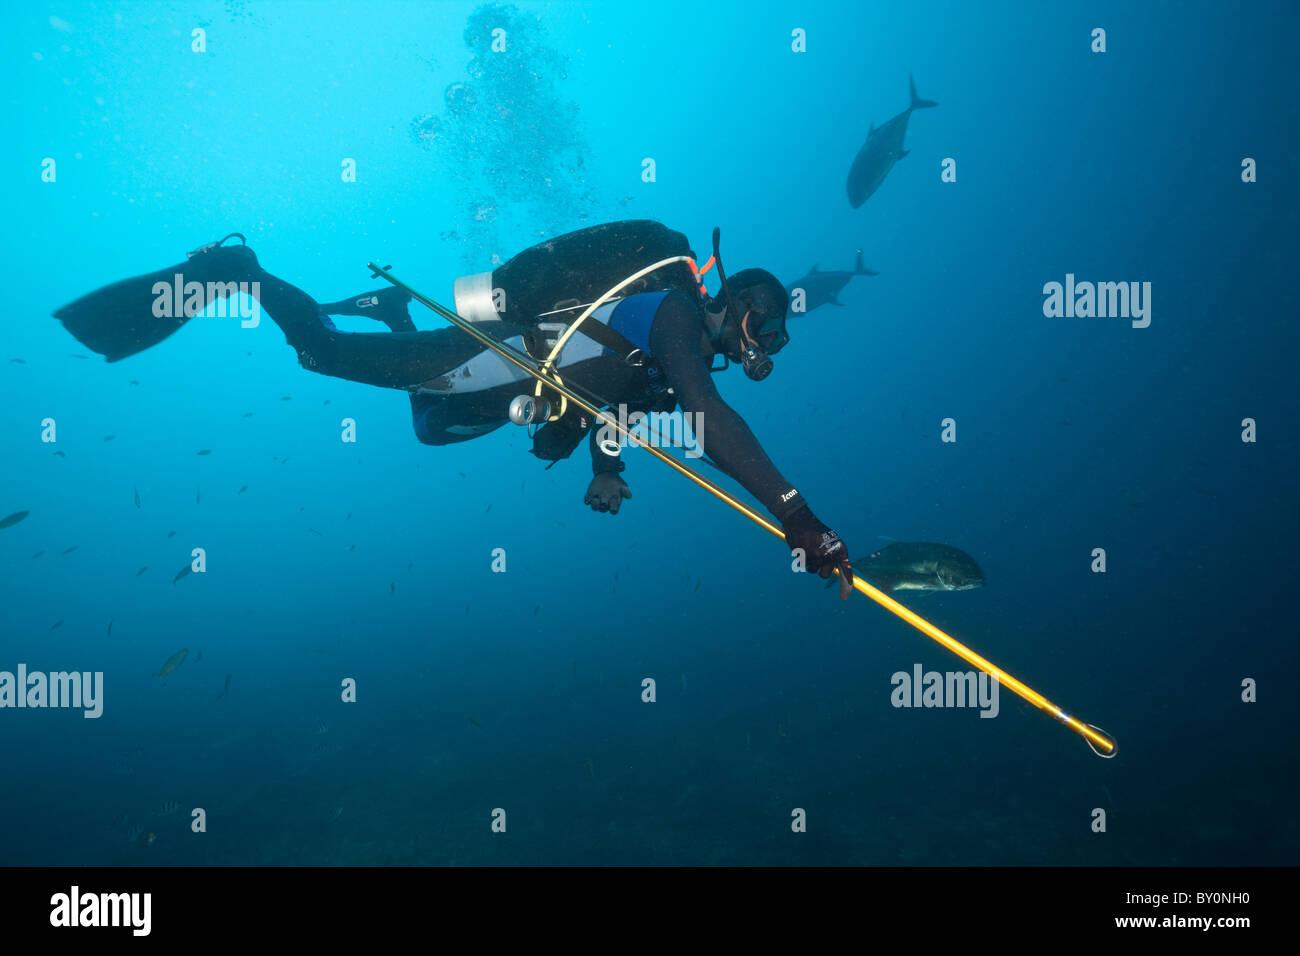 Forscher nimmt Proben von Bull Shark Skin, Beqa Lagoon, Viti Levu, Fidschi Stockbild